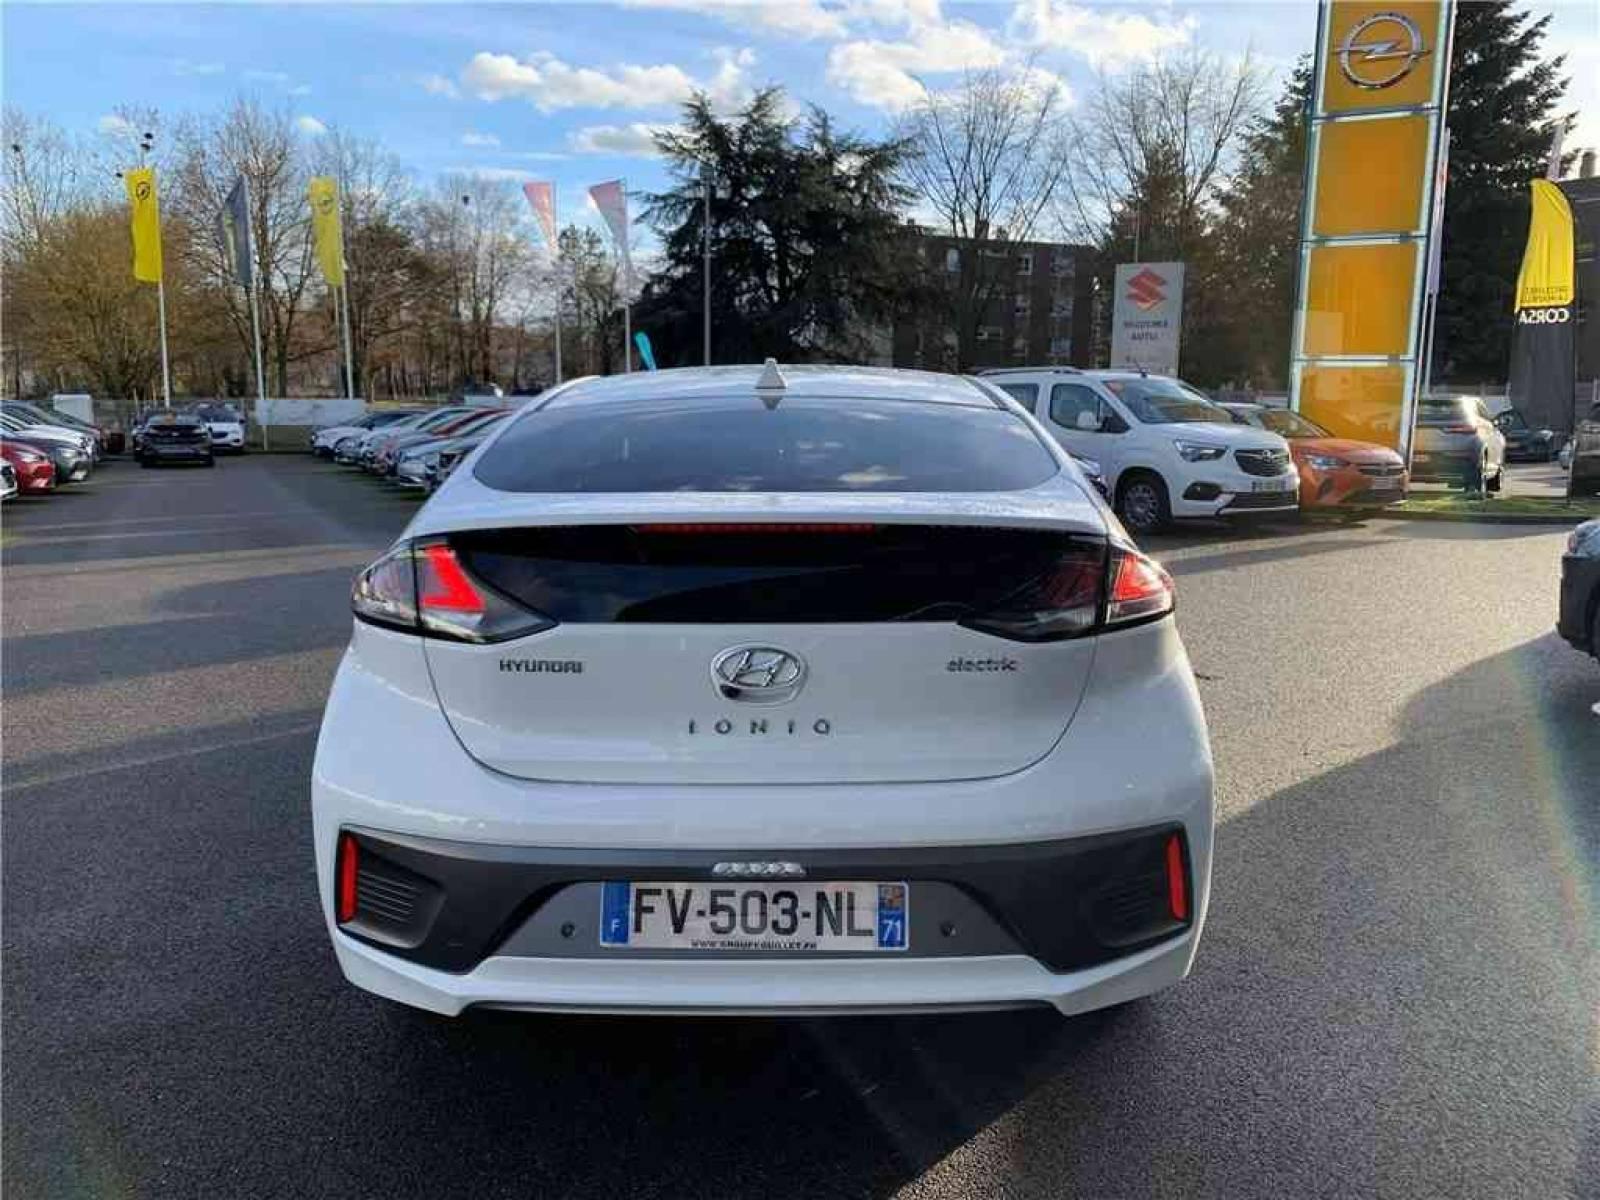 HYUNDAI Ioniq Electric 136 ch - véhicule d'occasion - Groupe Guillet - Chalon Automobiles - 71100 - Chalon-sur-Saône - 3